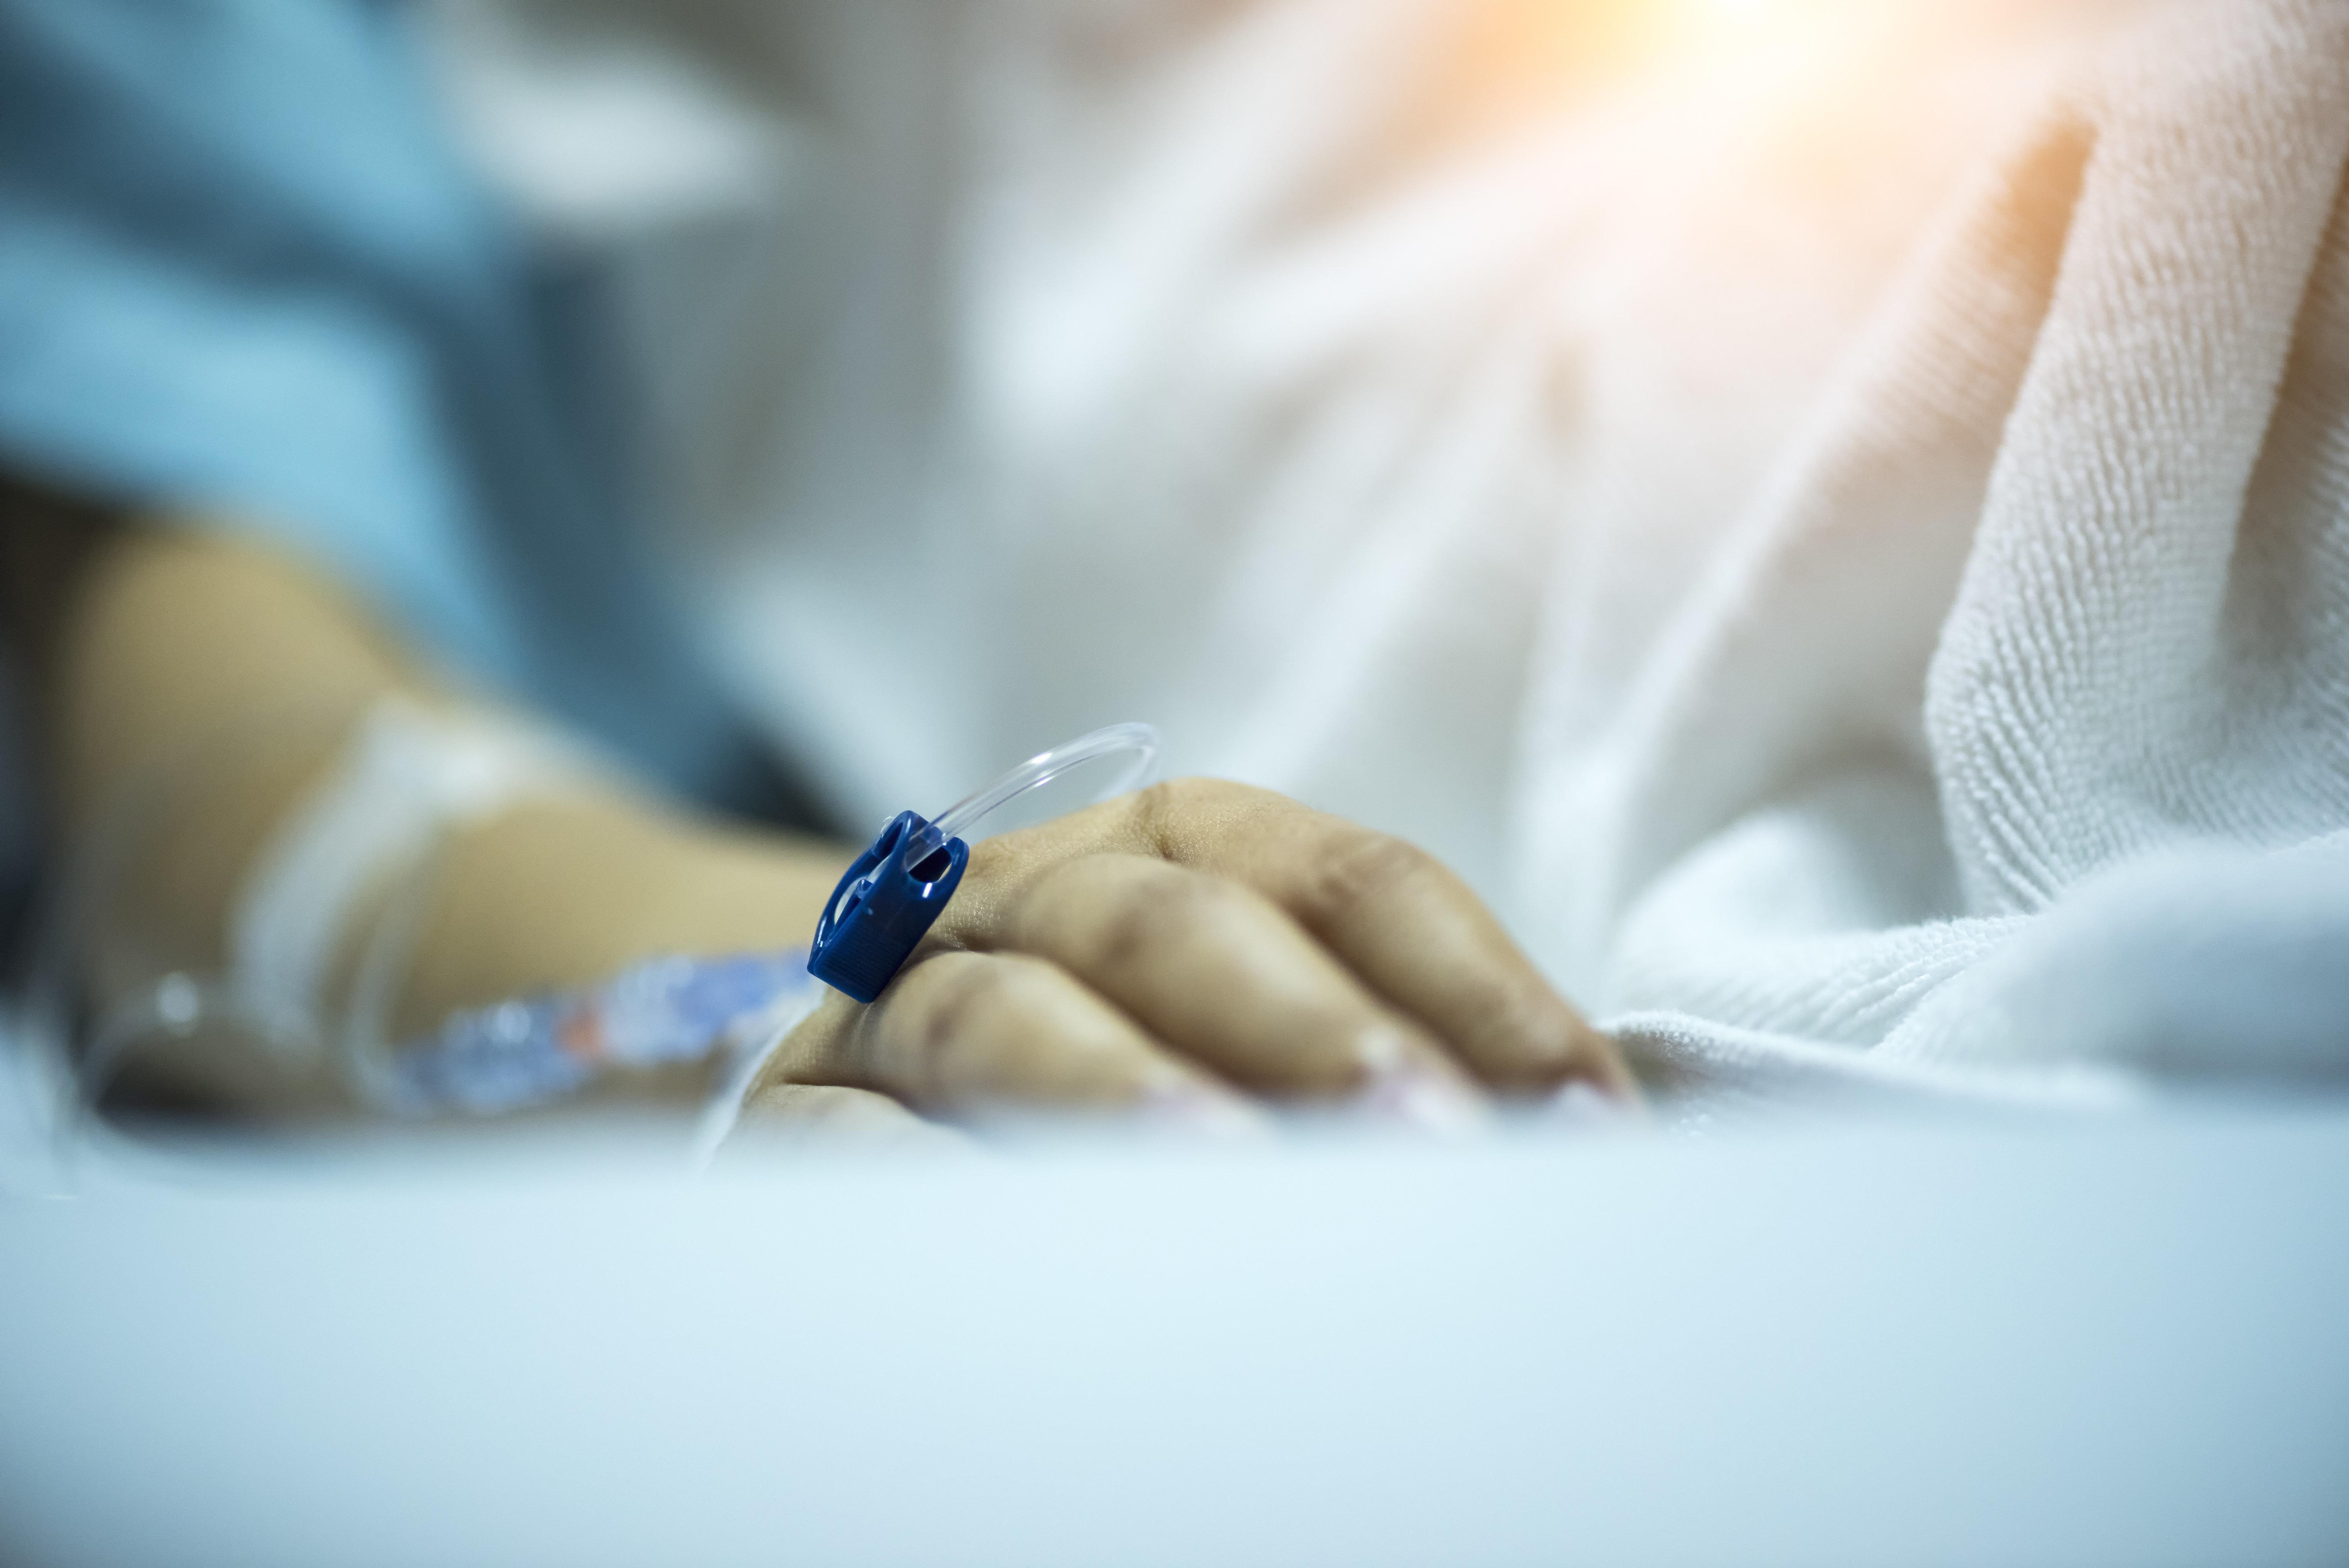 交通事故で約30年間、昏睡状態だった女性。意識を回復